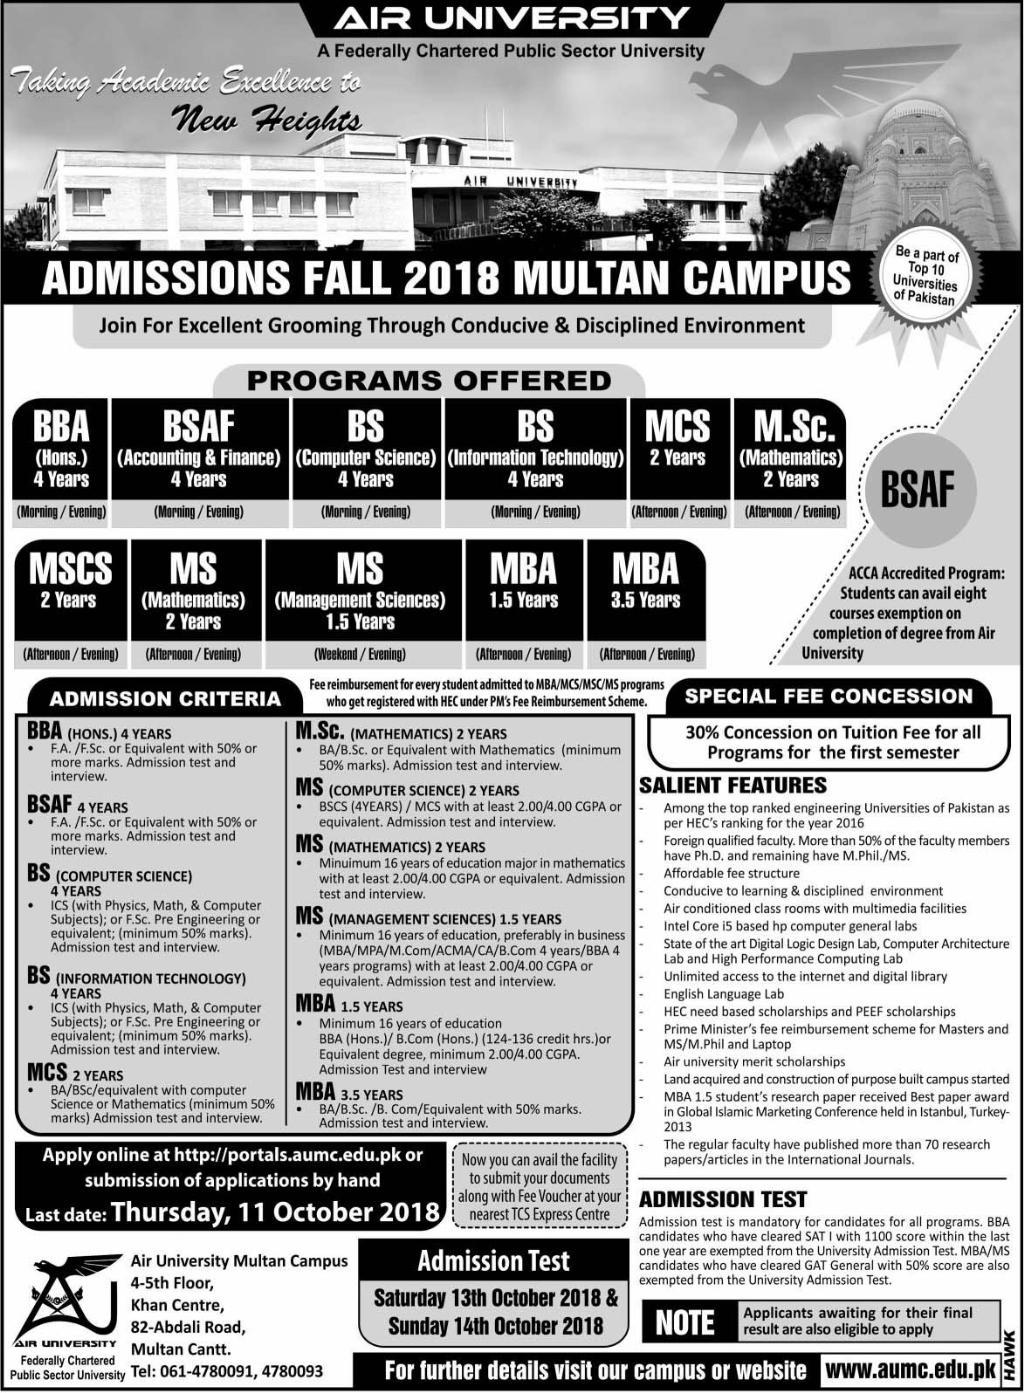 Air University Multan Campus Admission 2018 Advertisement